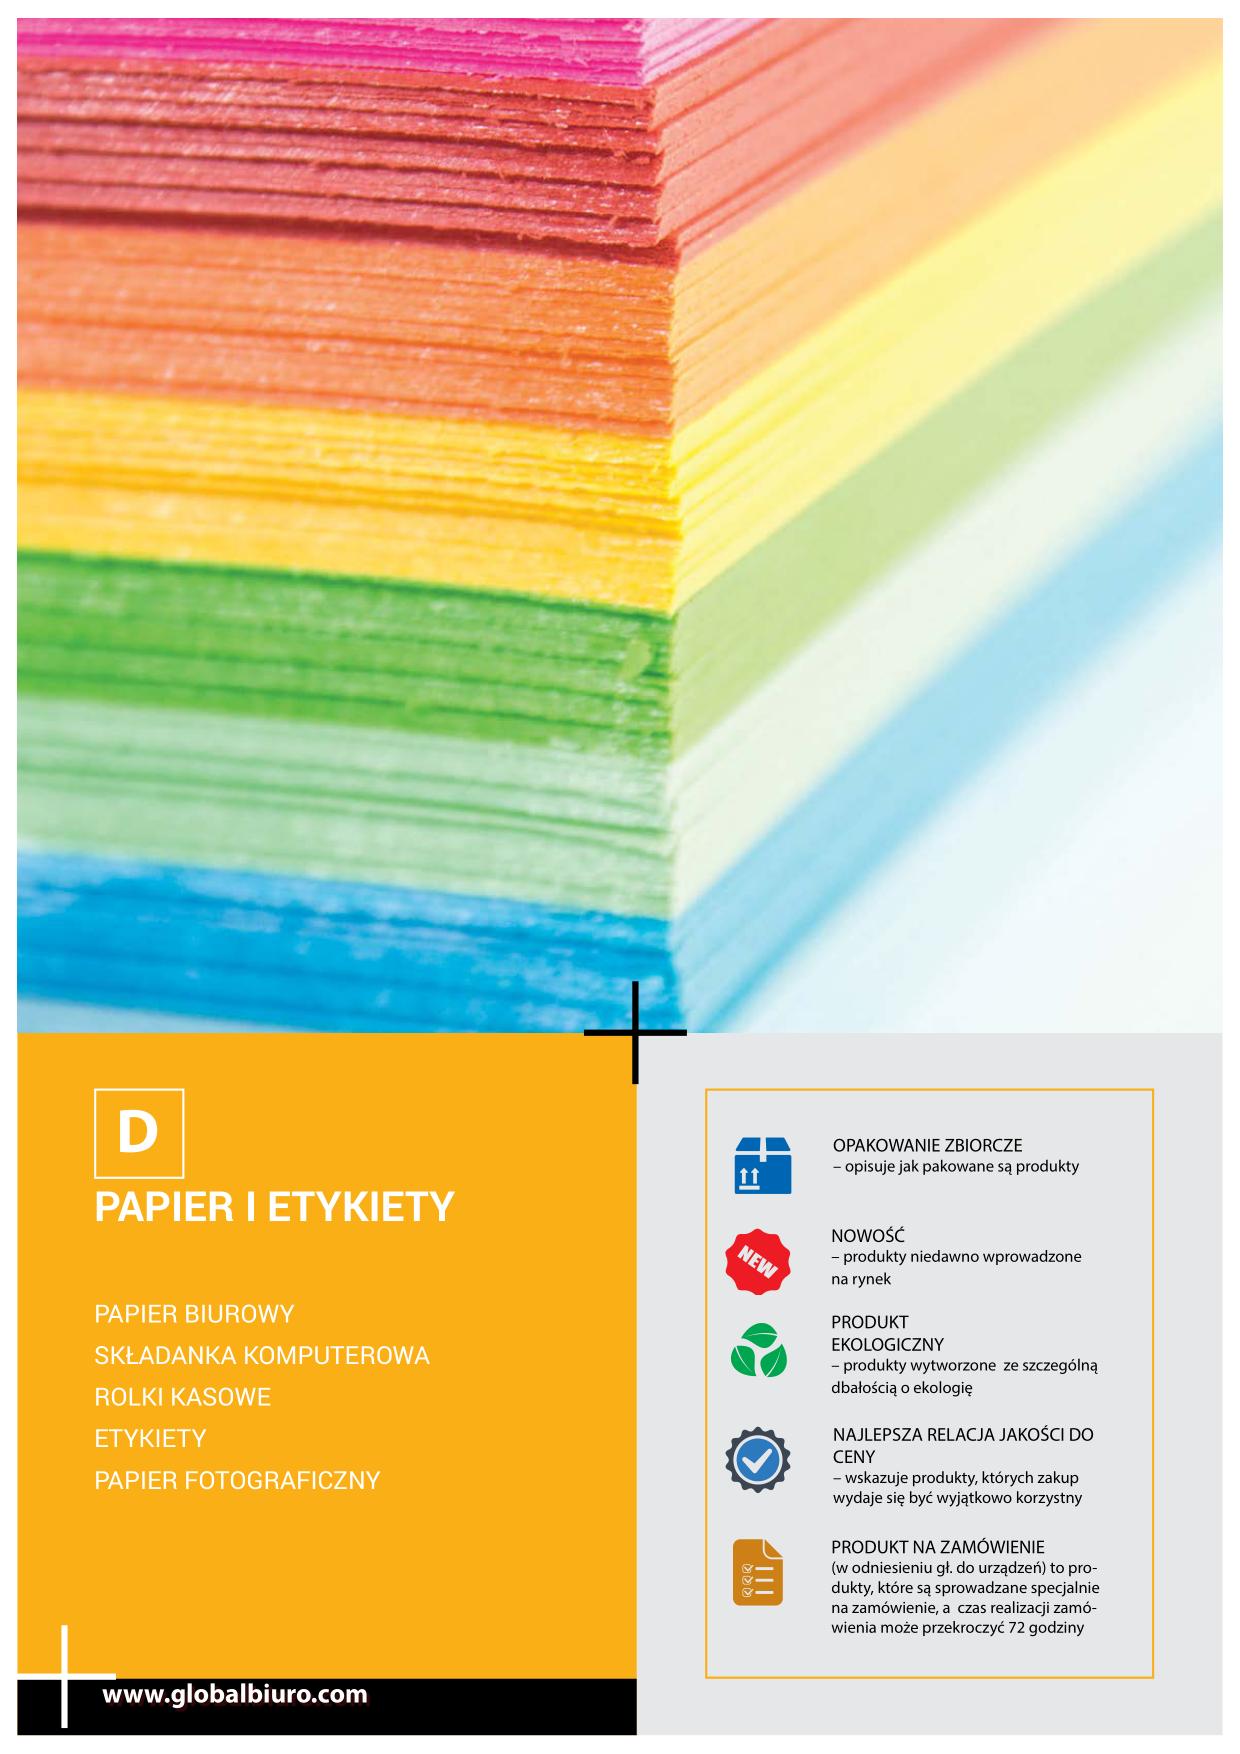 Papier i etykiety